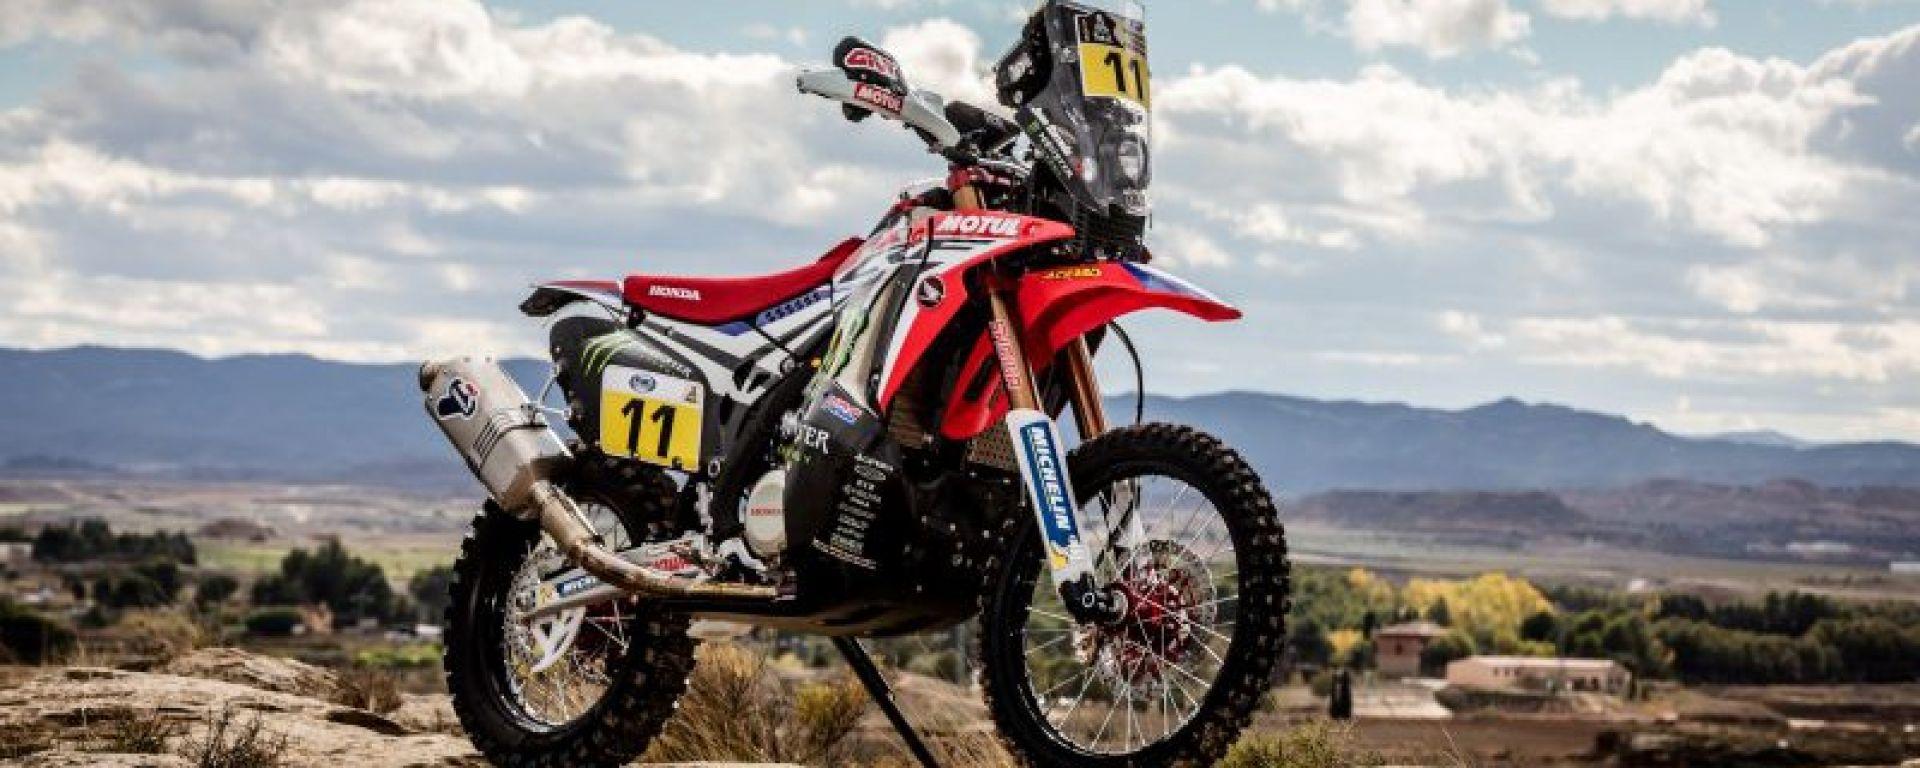 Termignoni firma gli scarichi delle Honda per il Dakar Rally